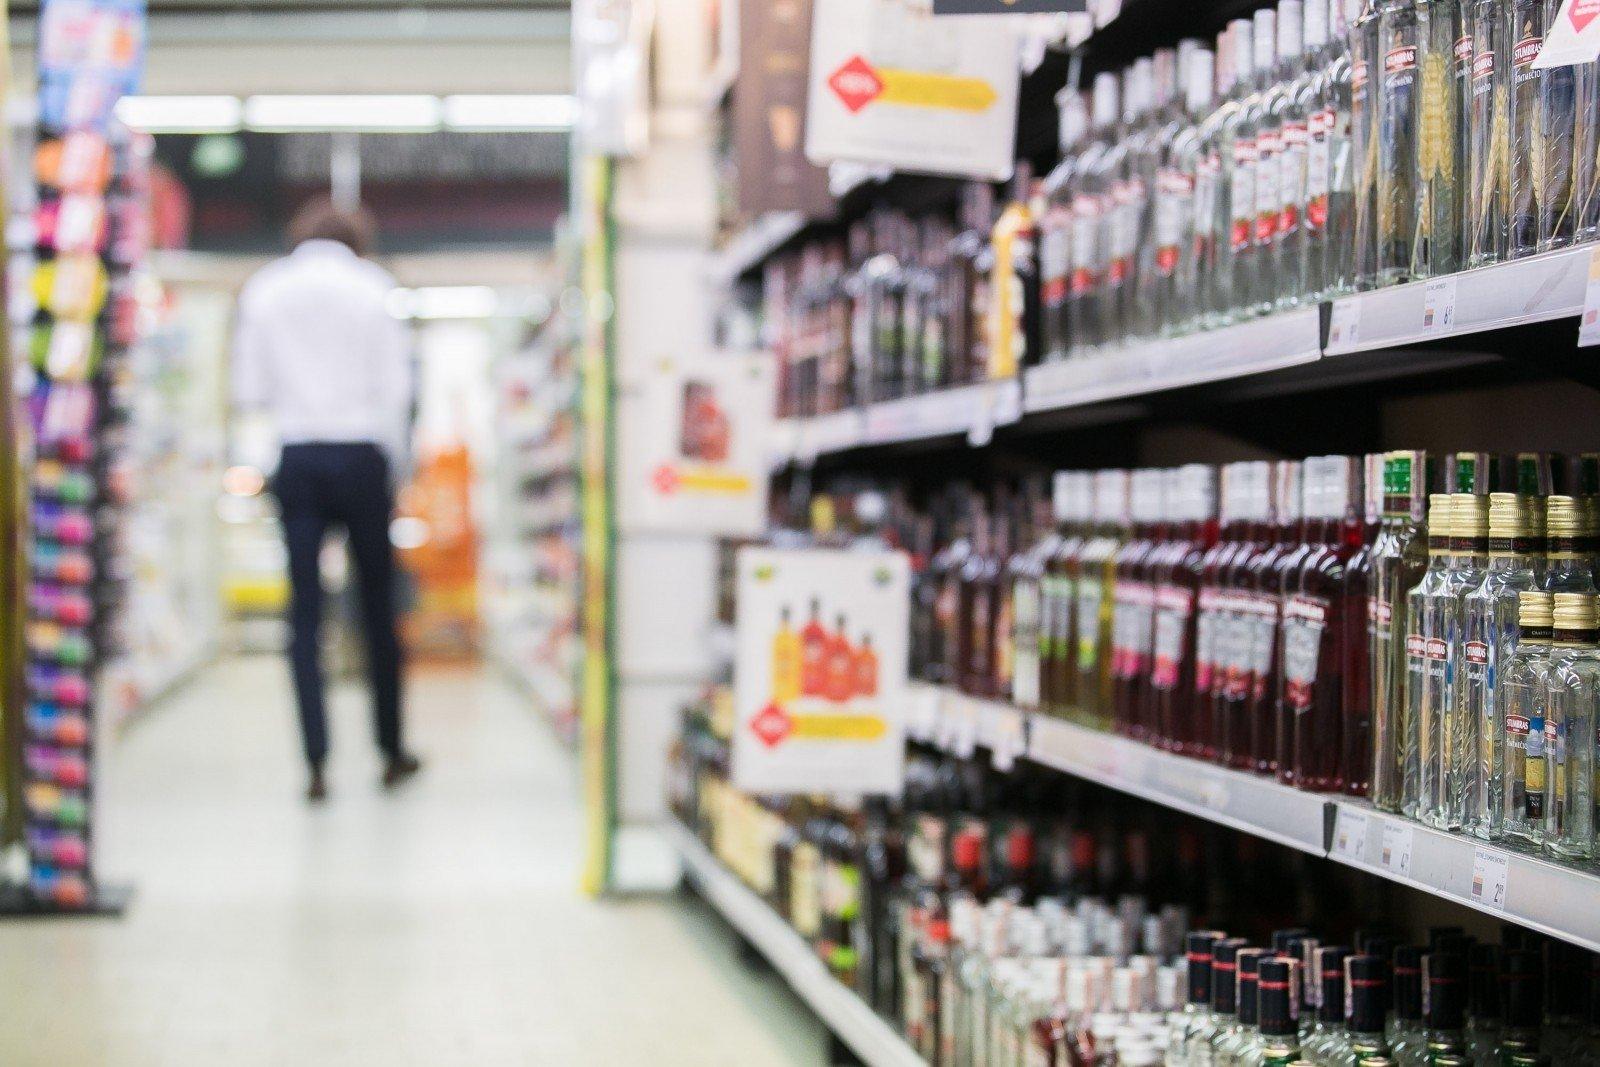 Продажа алкоголя с 1 января 2016 года